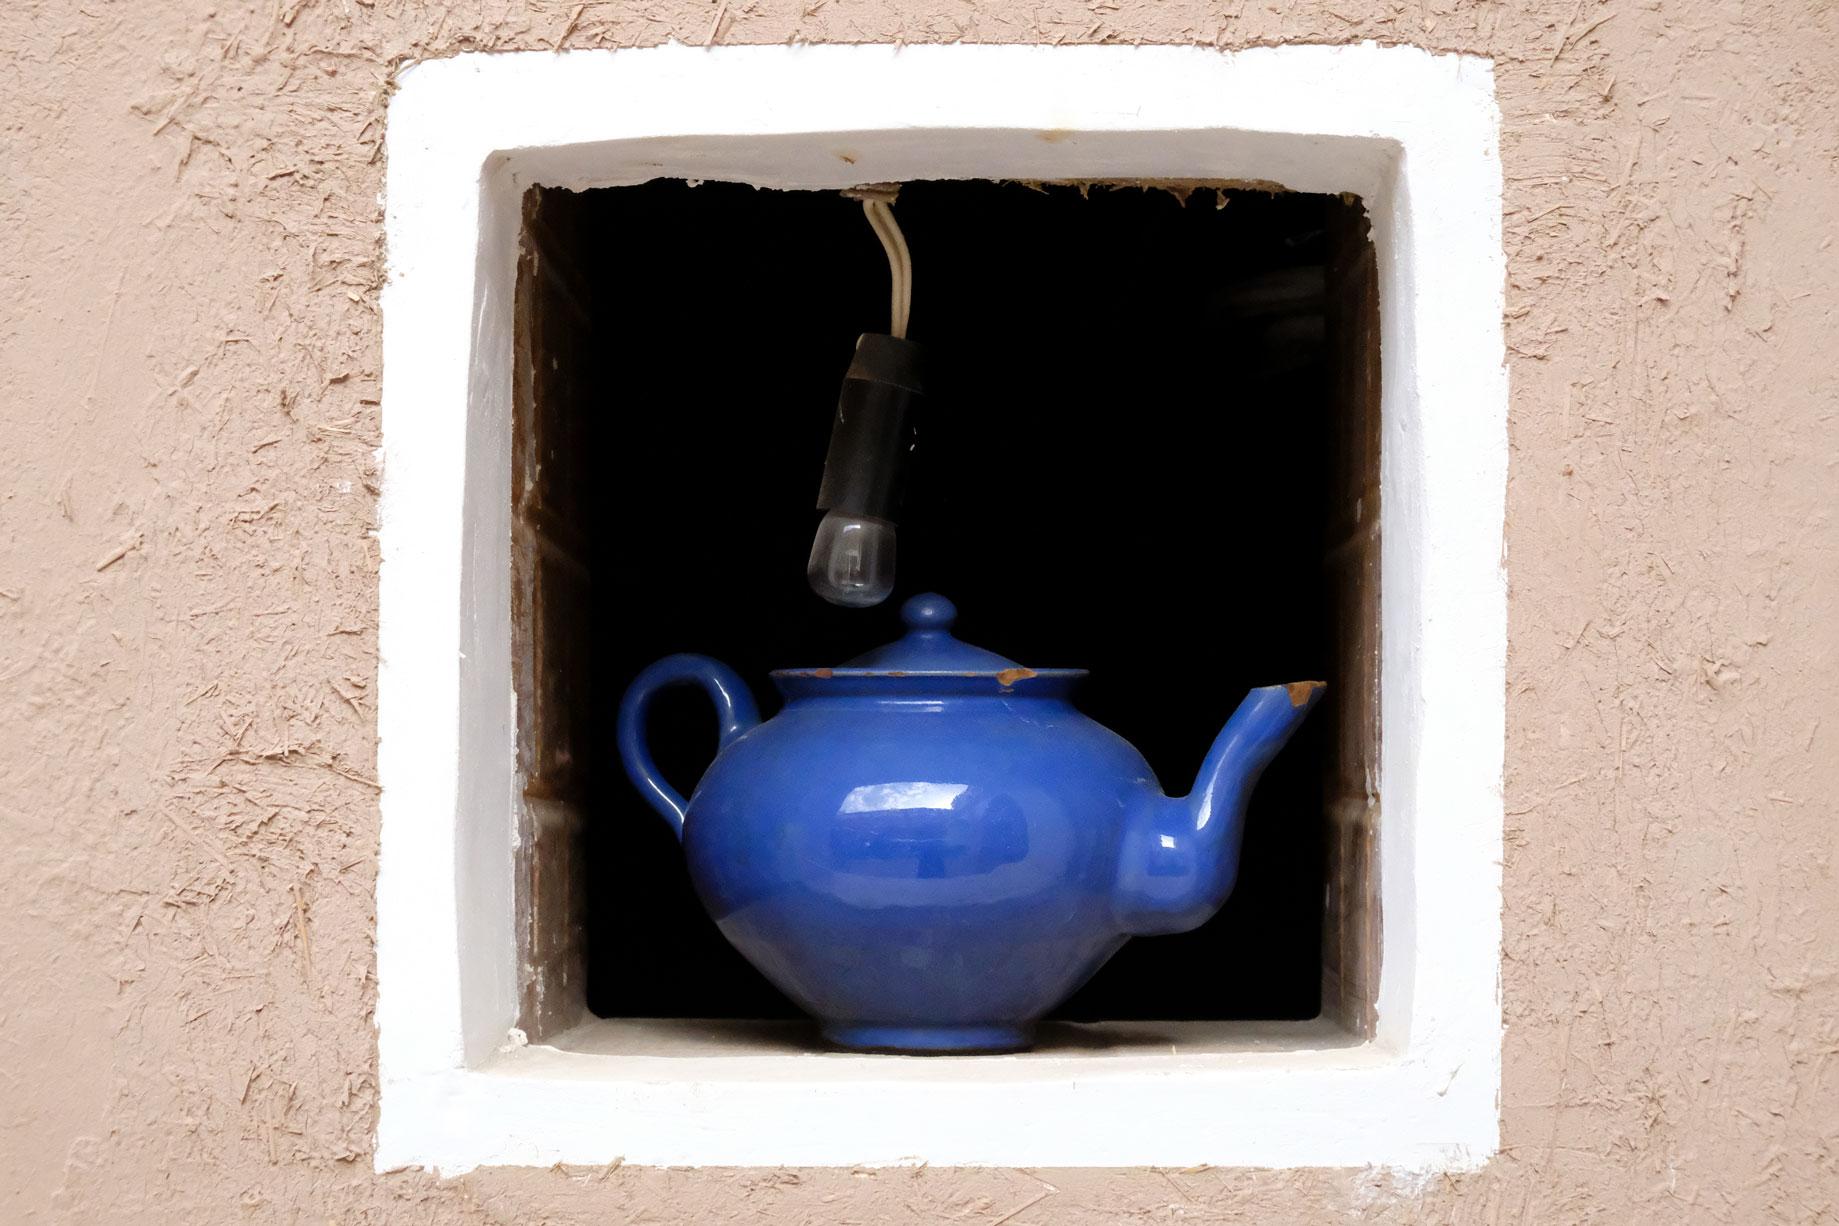 Eine blaue Teekanne in einem kleinen Fenster